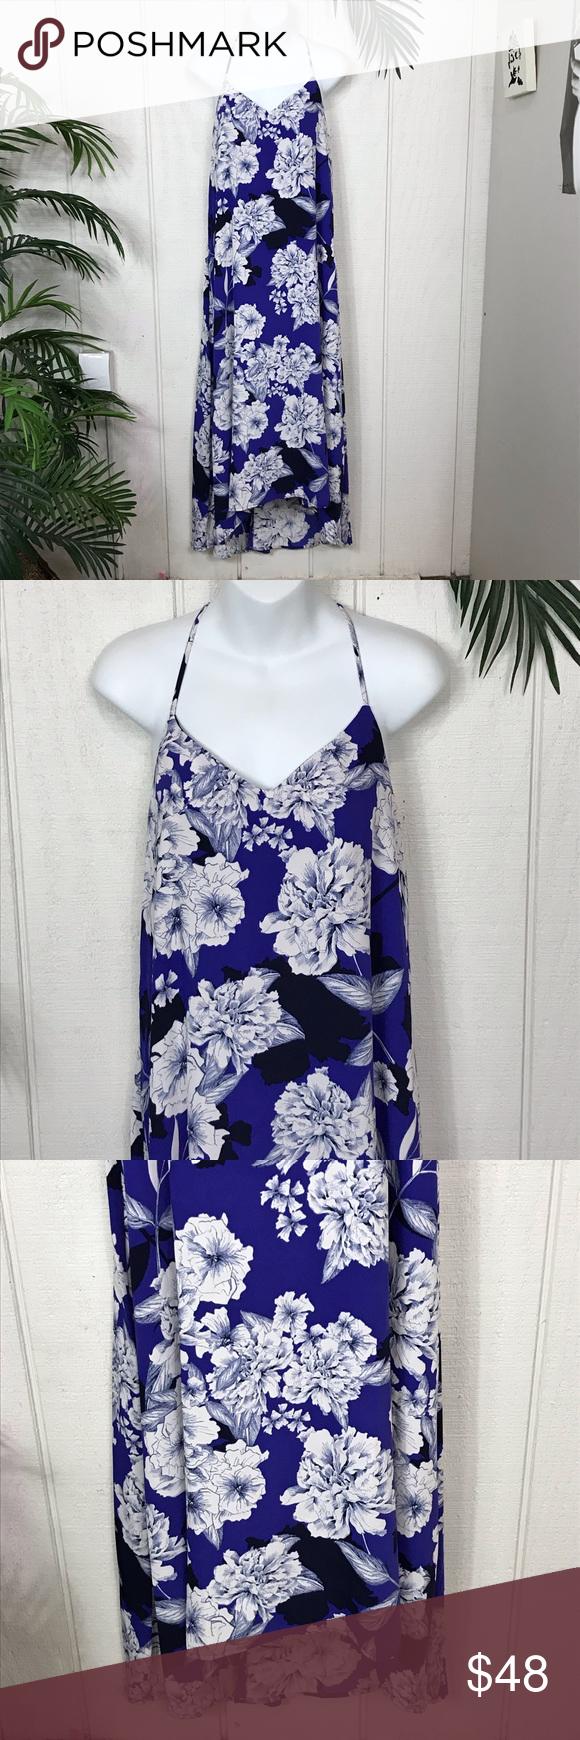 Tahari Maxi Dress Size Small Nwt Dresses Maxi Dress Clothes Design [ 1740 x 580 Pixel ]